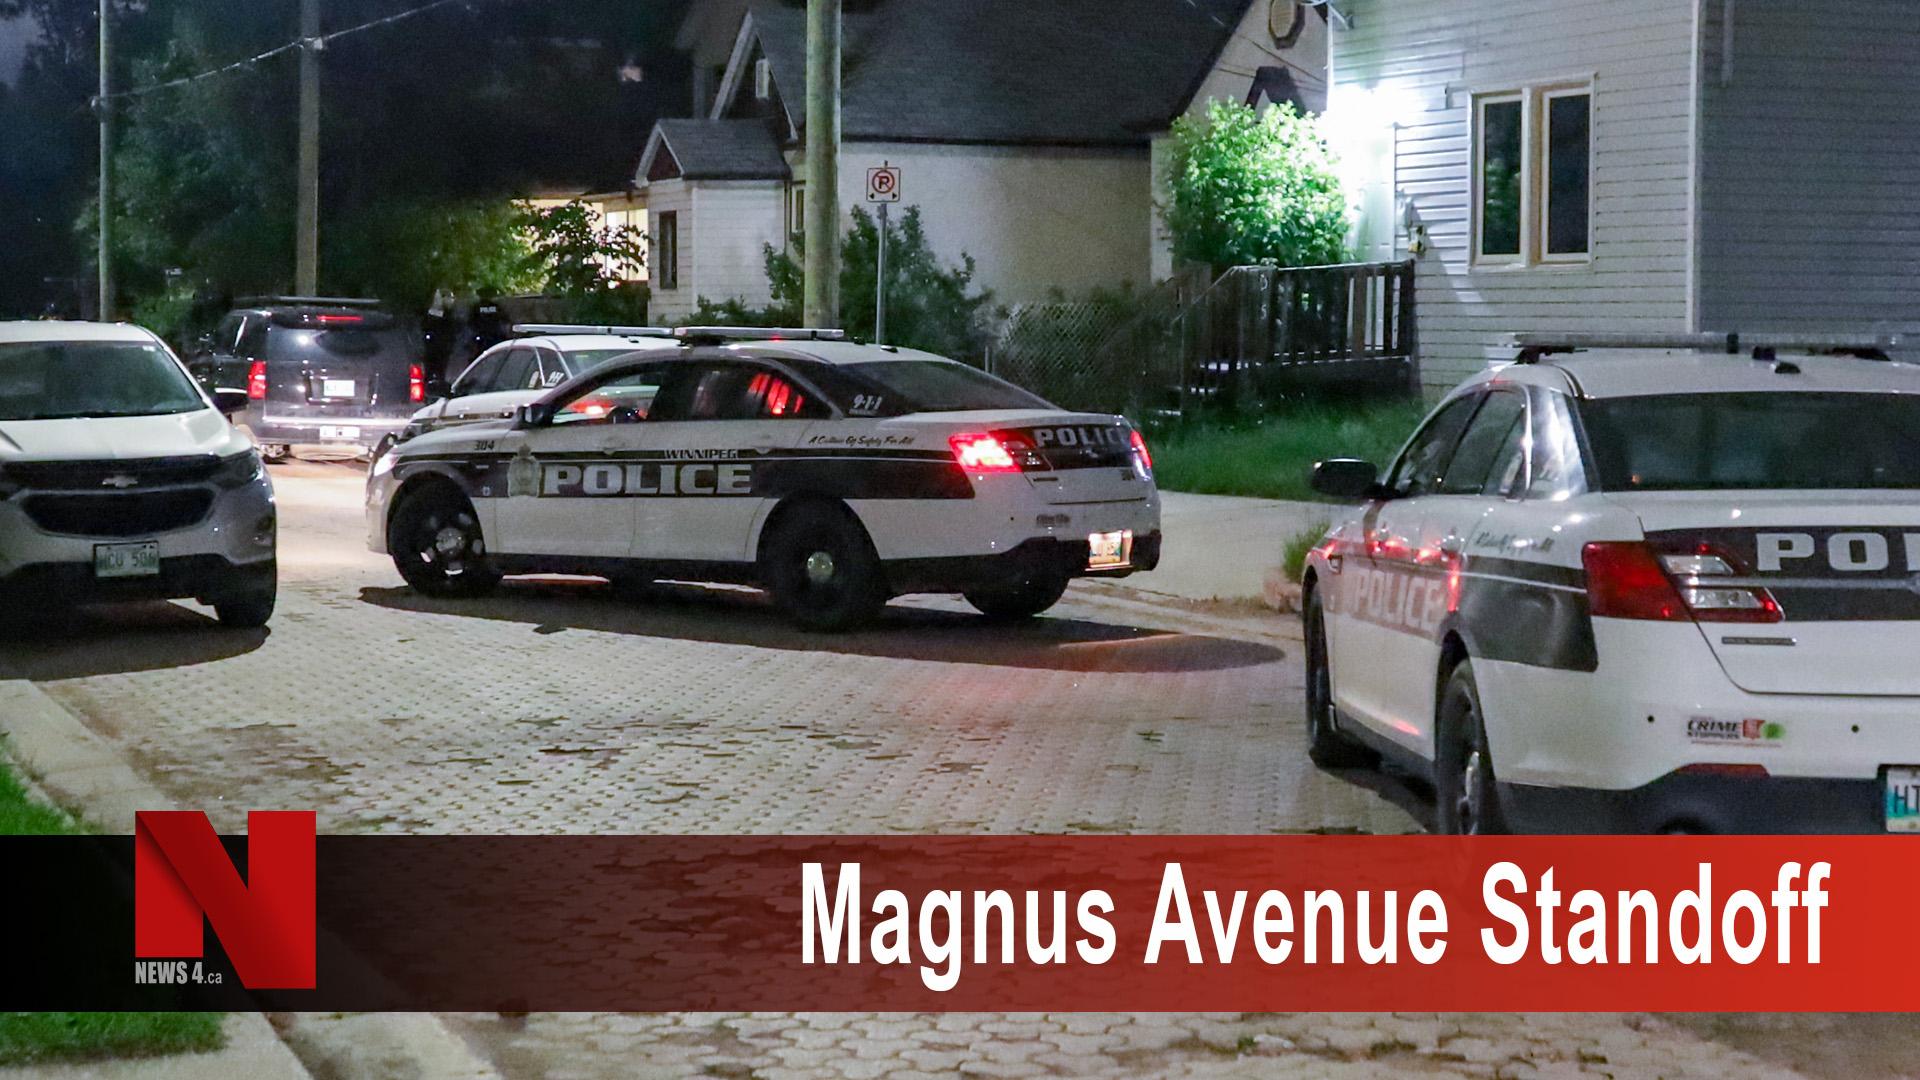 Magnus Aveenue Standoff